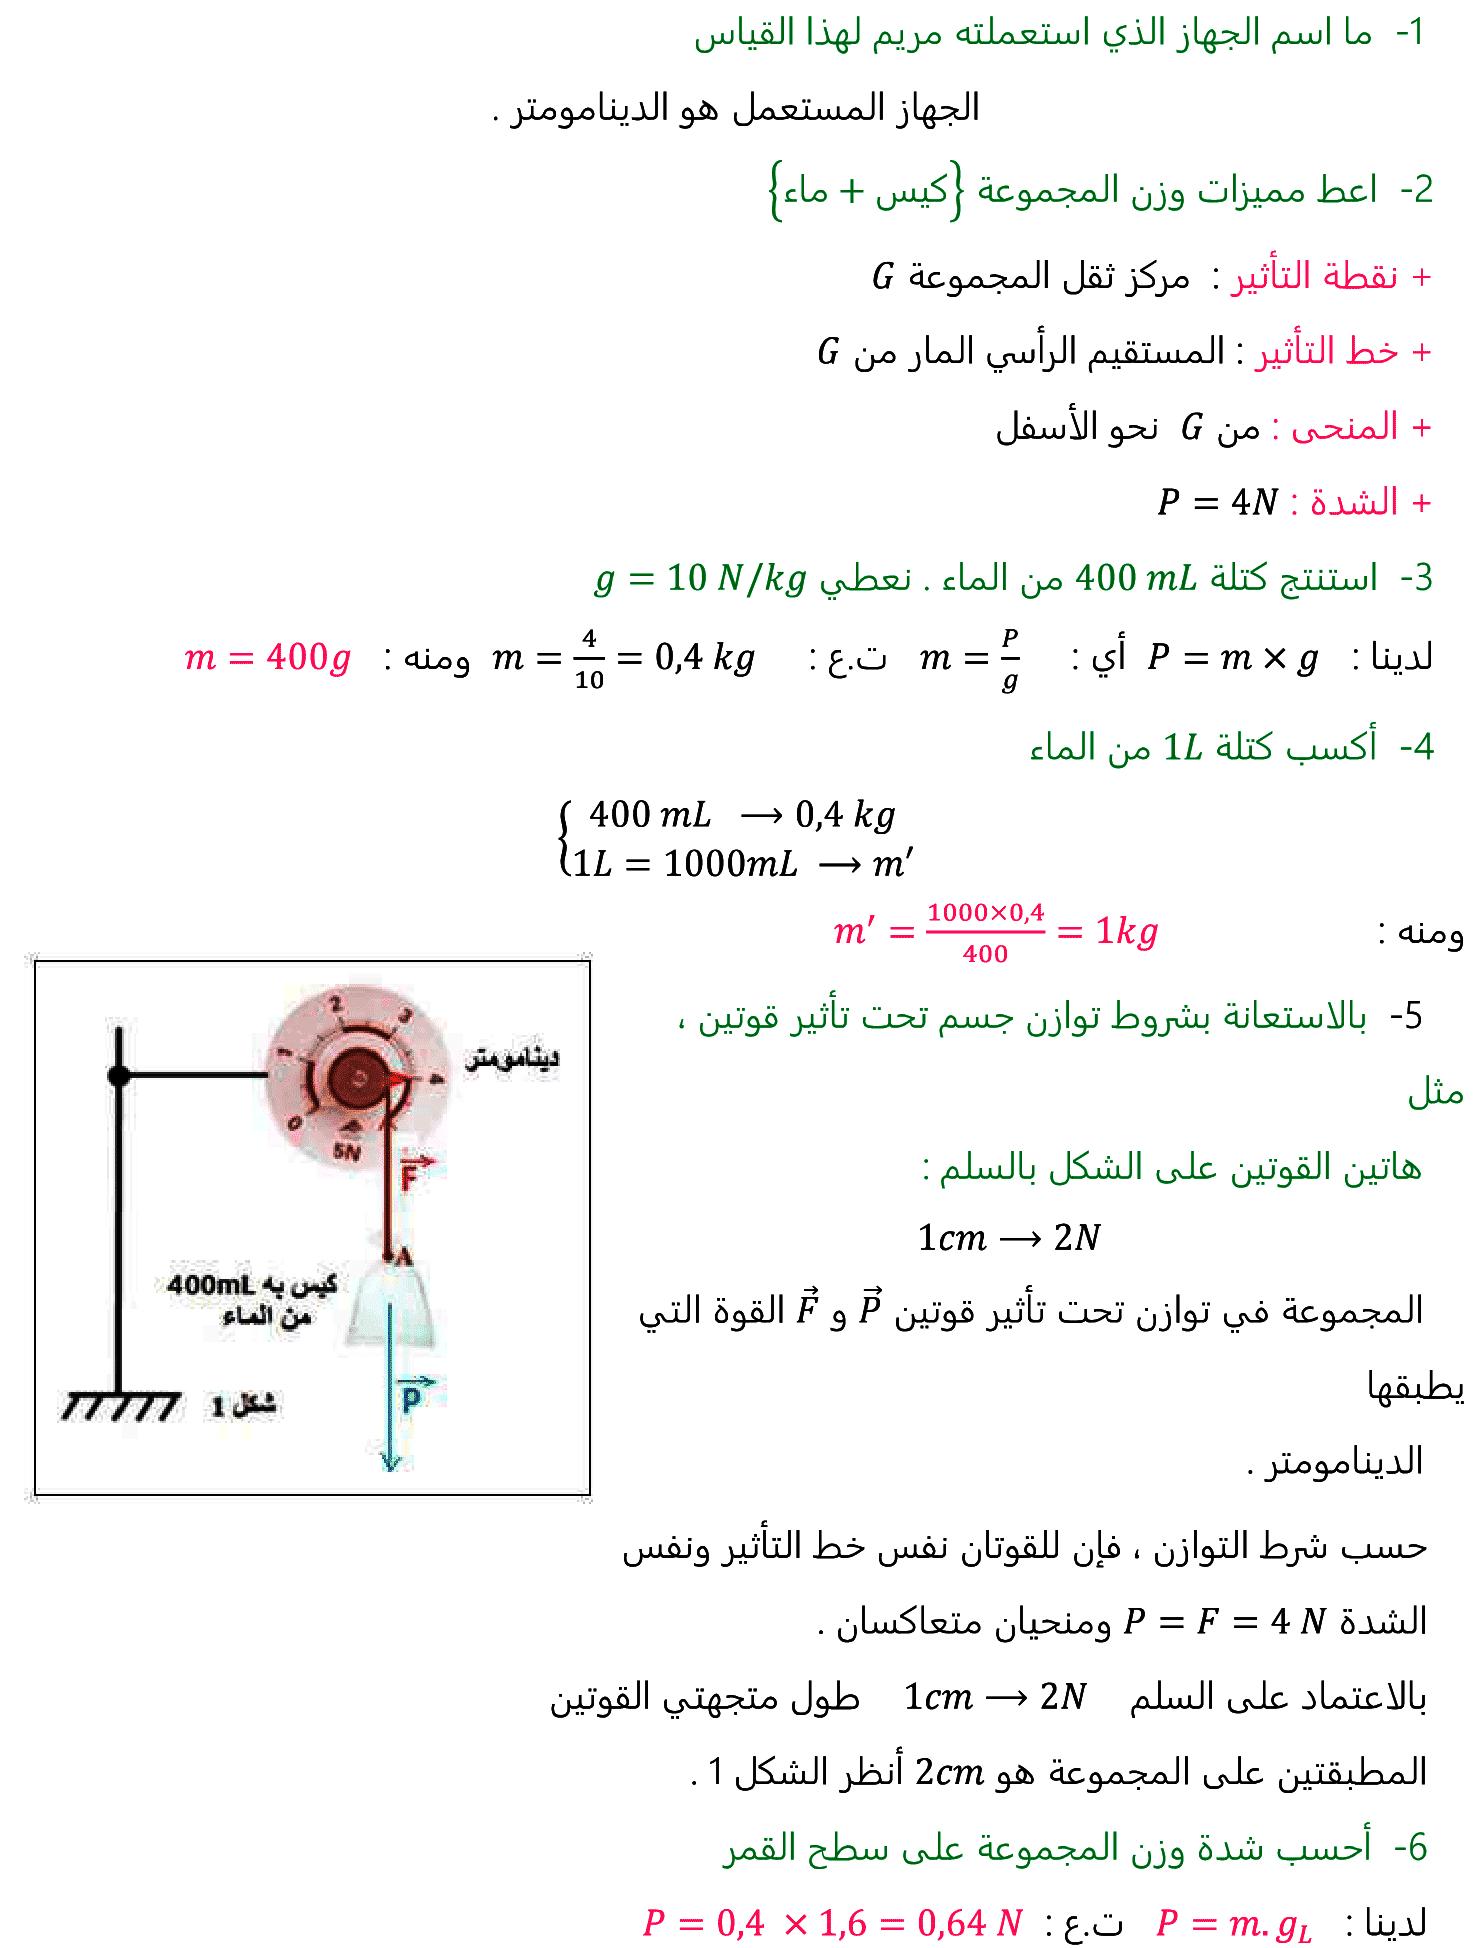 سلسلة تمارين توازن جسم خاضع لقوتين الثالثة اعدادي